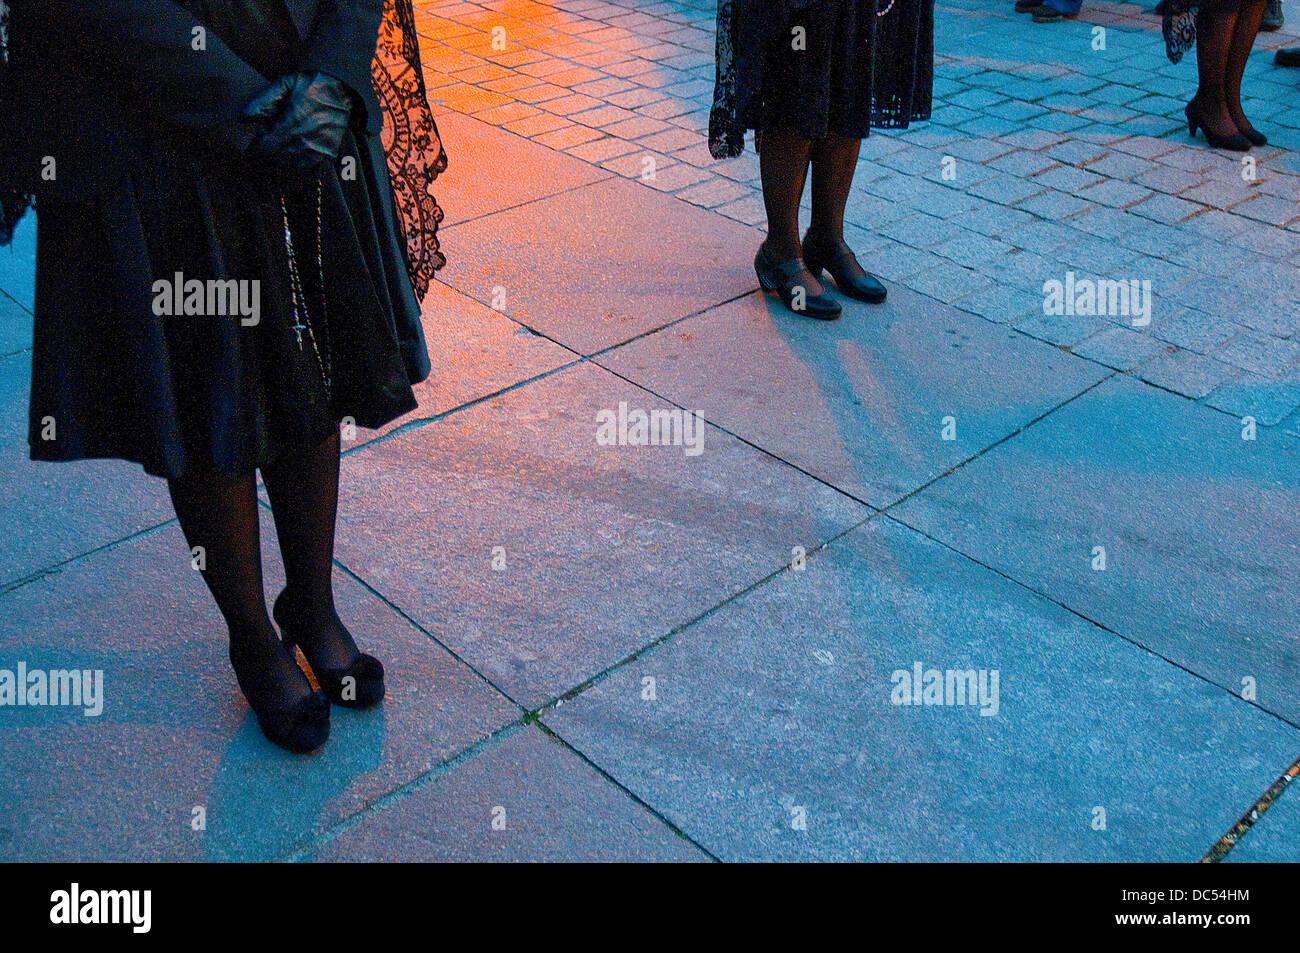 Las piernas de las mujeres durante la procesión de Semana Santa. Madrid, España. Imagen De Stock